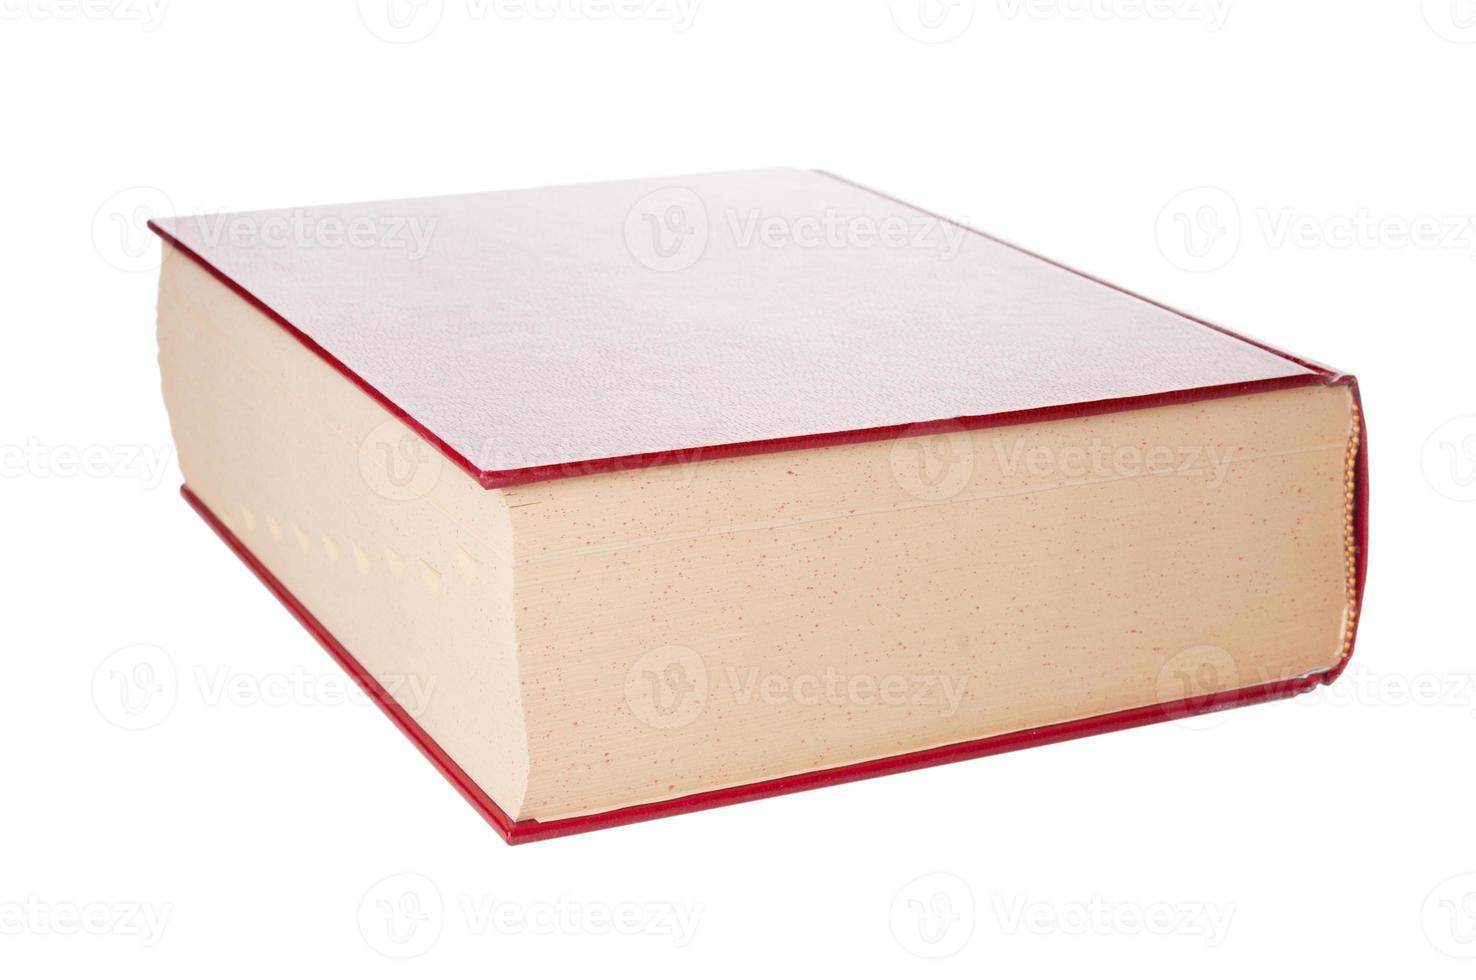 woordenboekclose-up op witte achtergrond foto